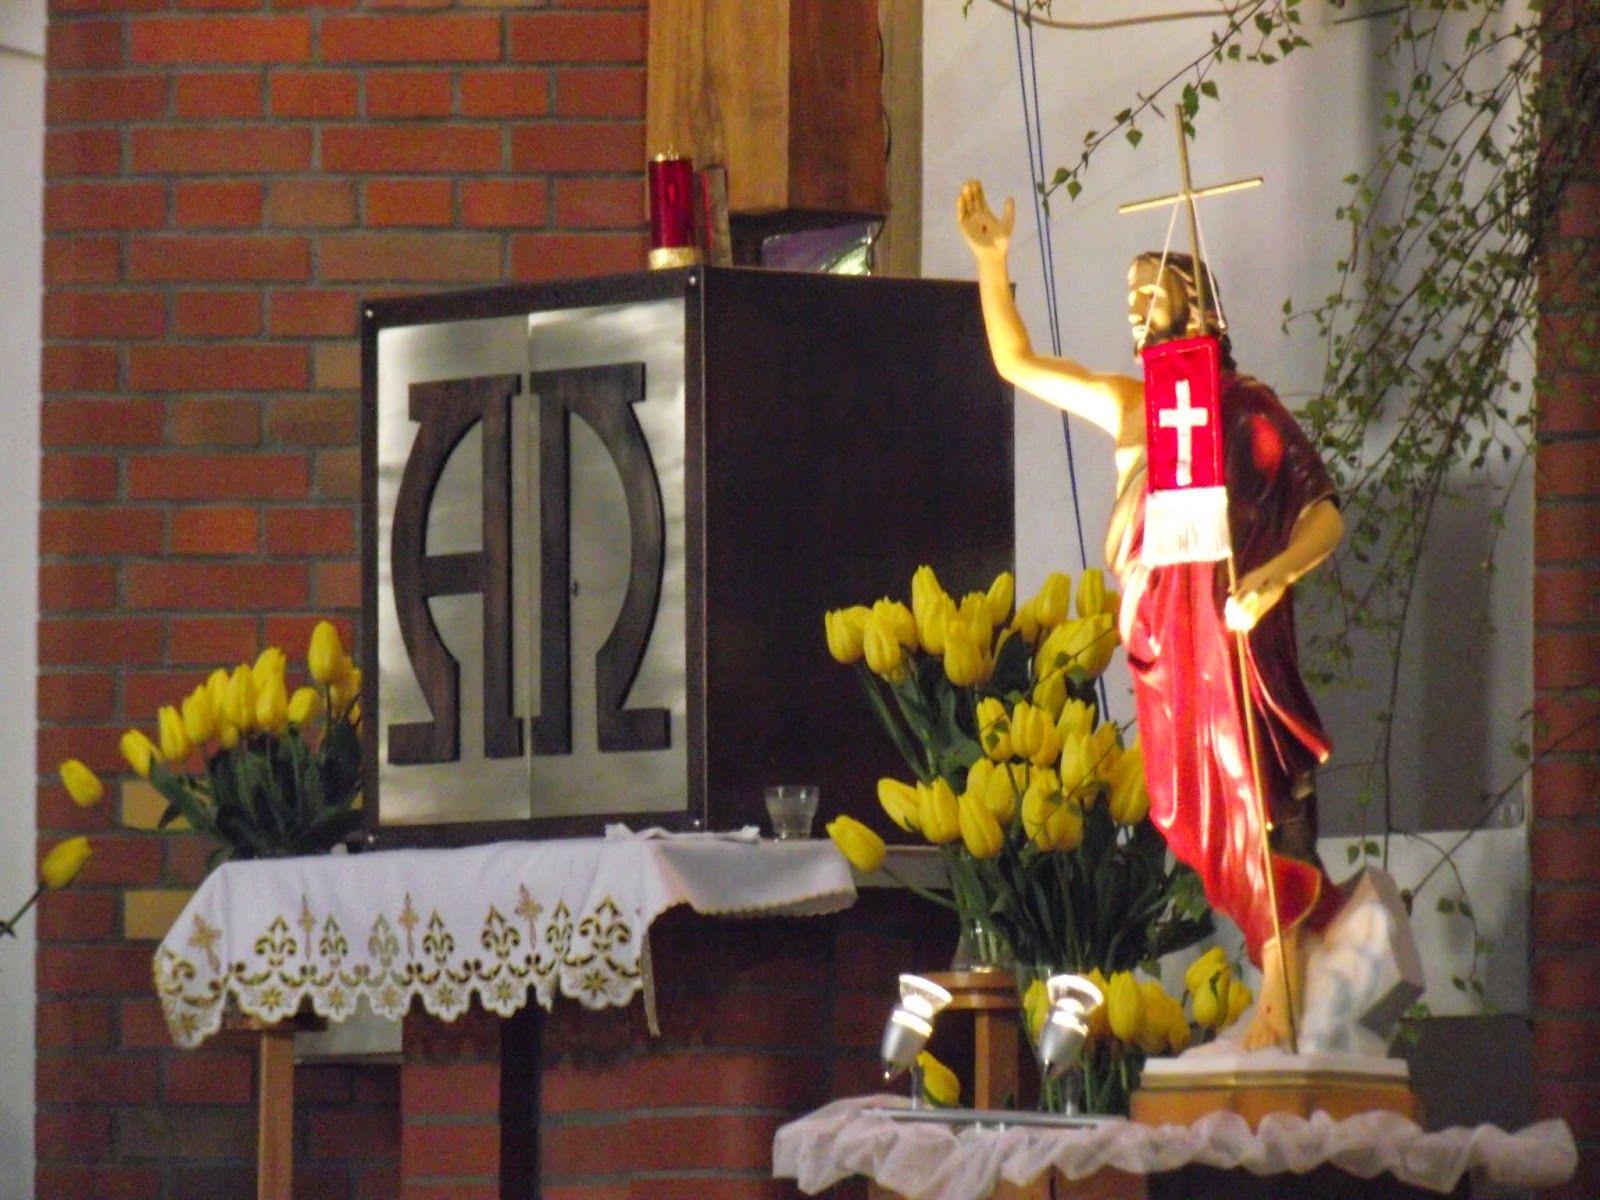 Kroniki Inowroclawskie Swiateczne Zyczenia Table Decorations Decor Home Decor